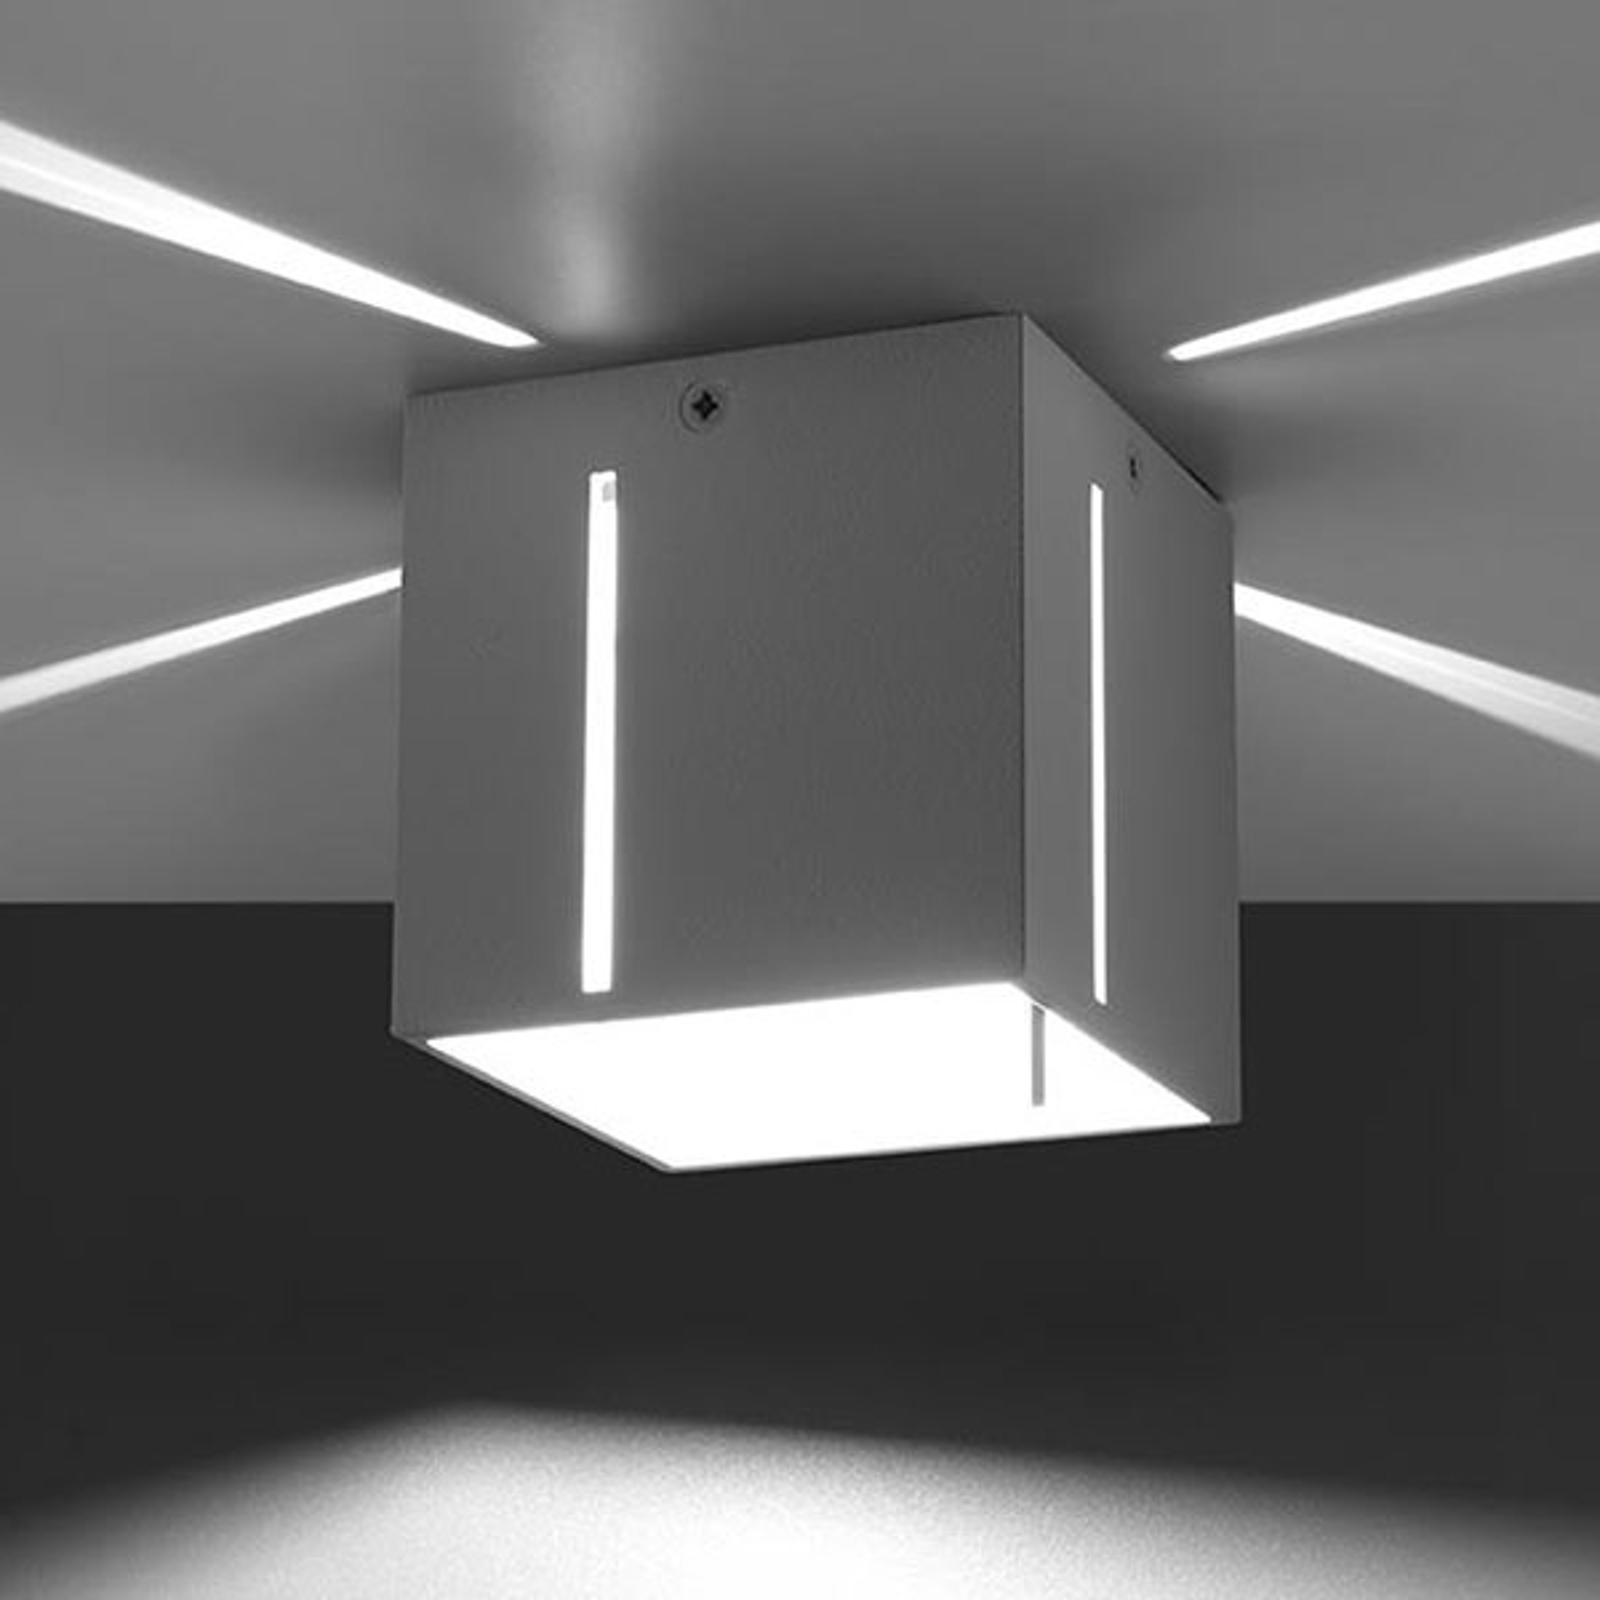 Deckenlampe Topic mit schönem Effektlicht, weiß